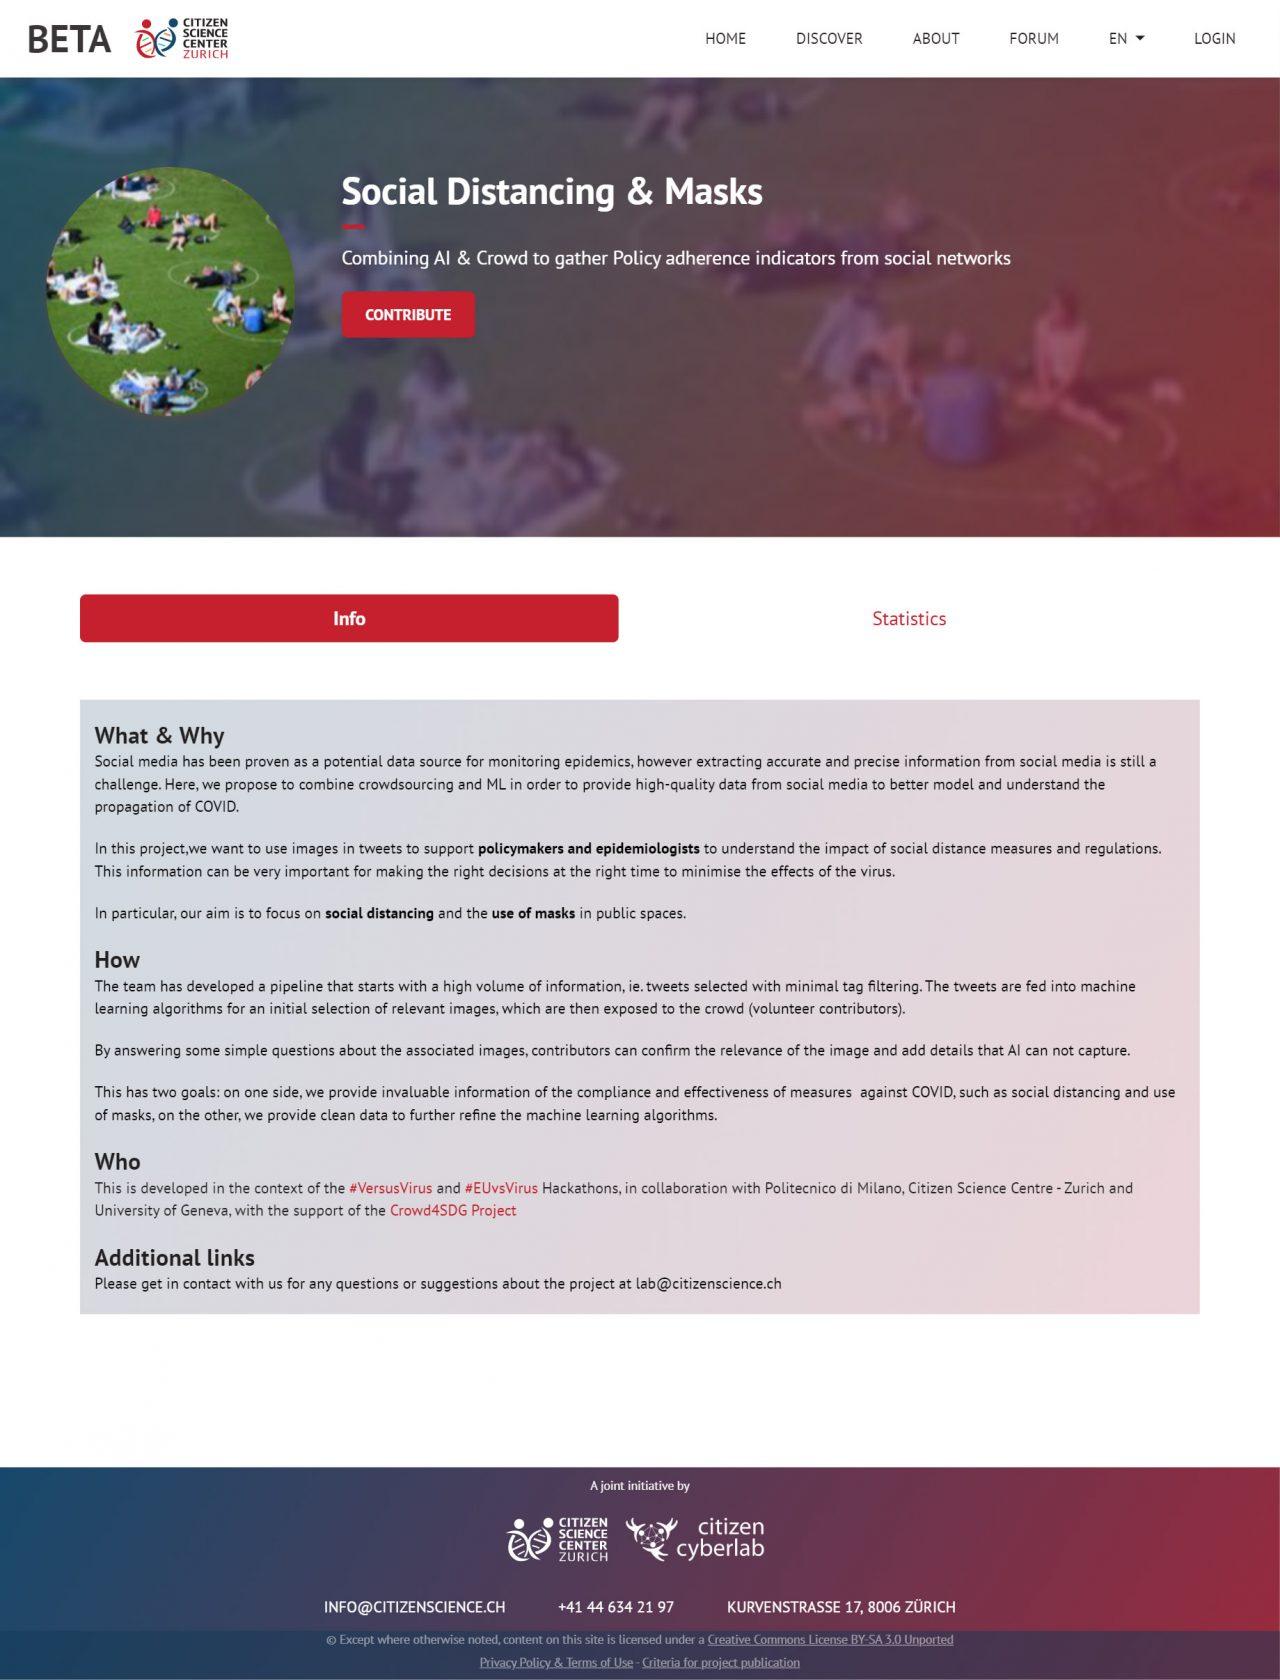 lab.citizenscience.ch Projects description page